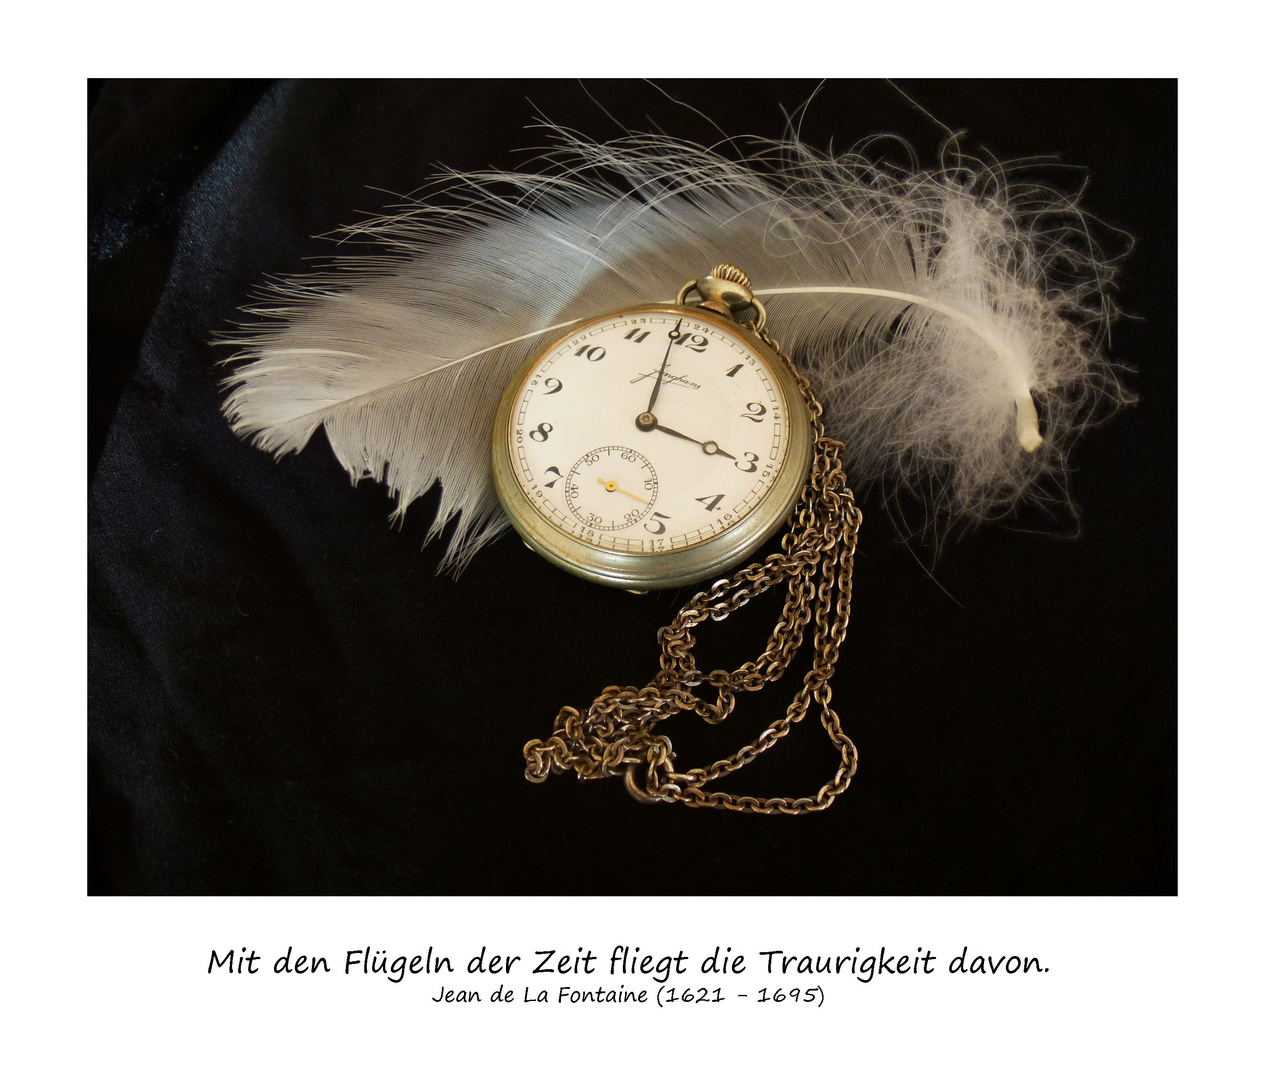 Mit den Flügeln der Zeit ...